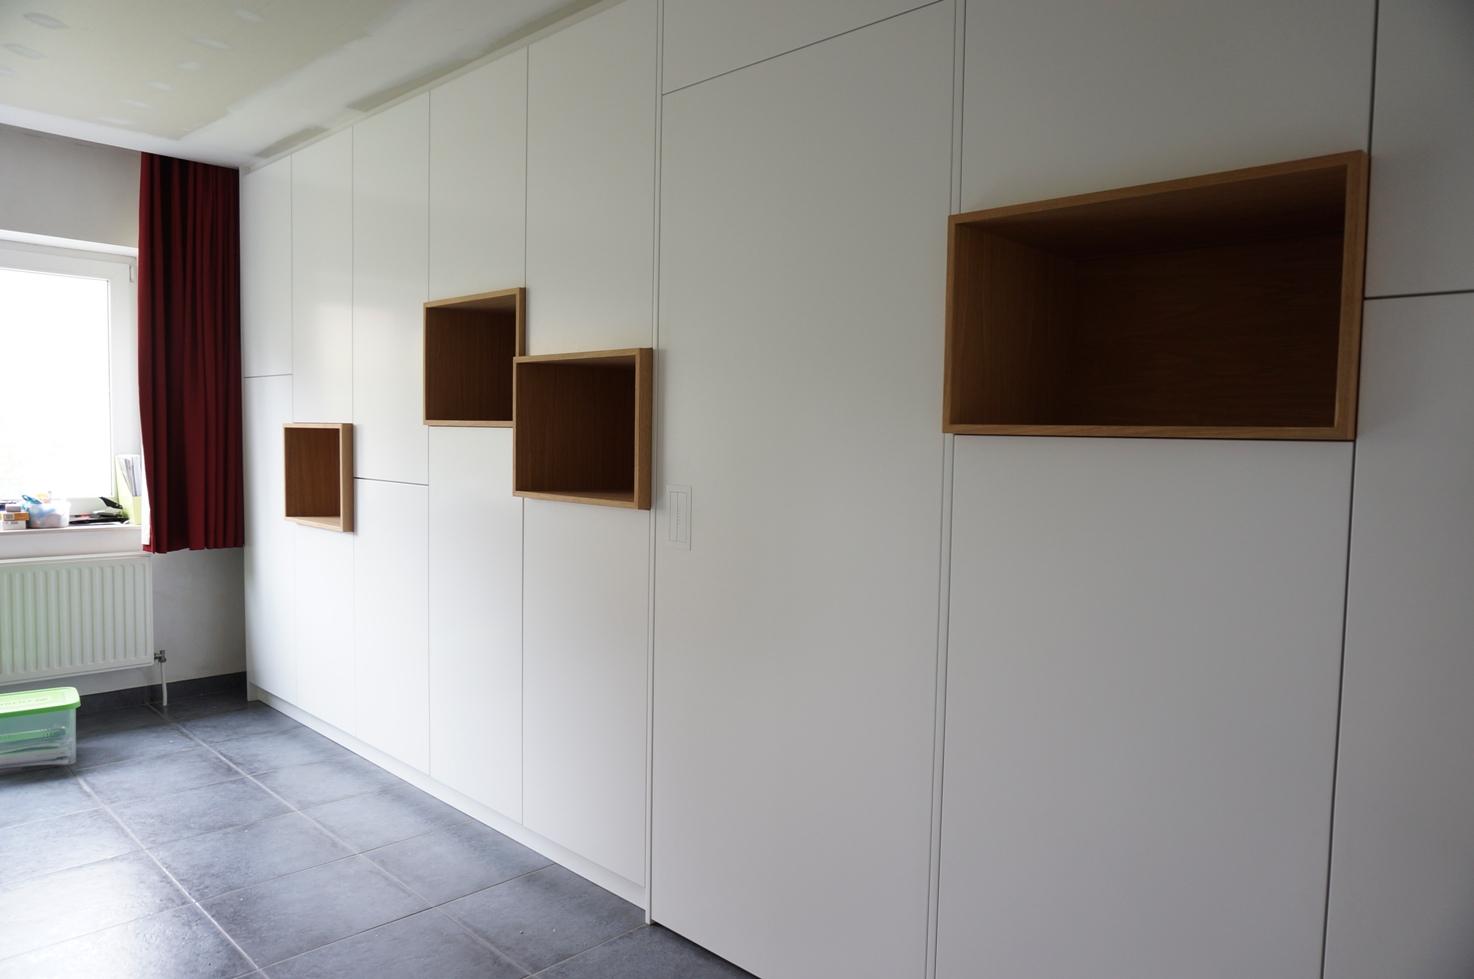 kastenwand met eiken open vakken en een geïntegreerde deur naar de ...